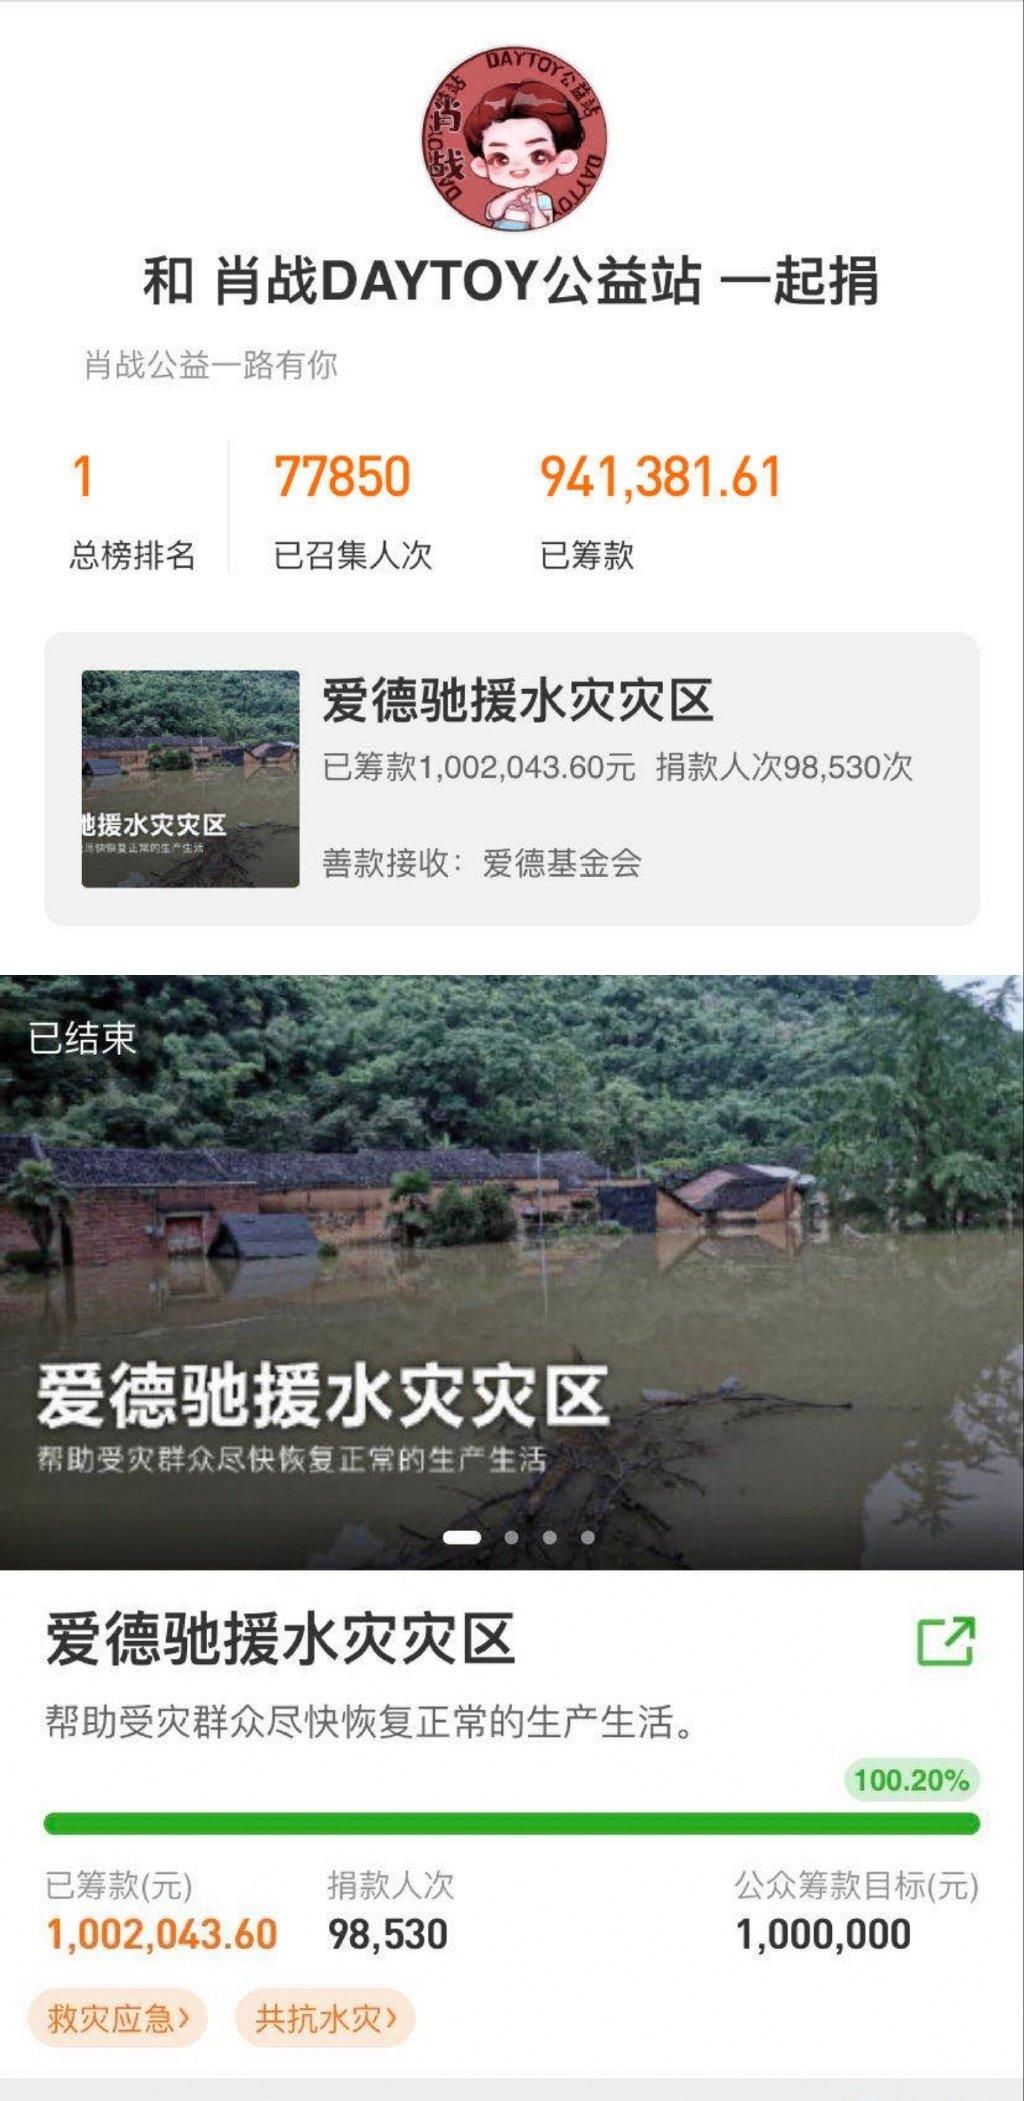 """肖战粉丝公益站参与""""爱德驰援水灾灾区""""公益项目上线6个多小时筹集"""